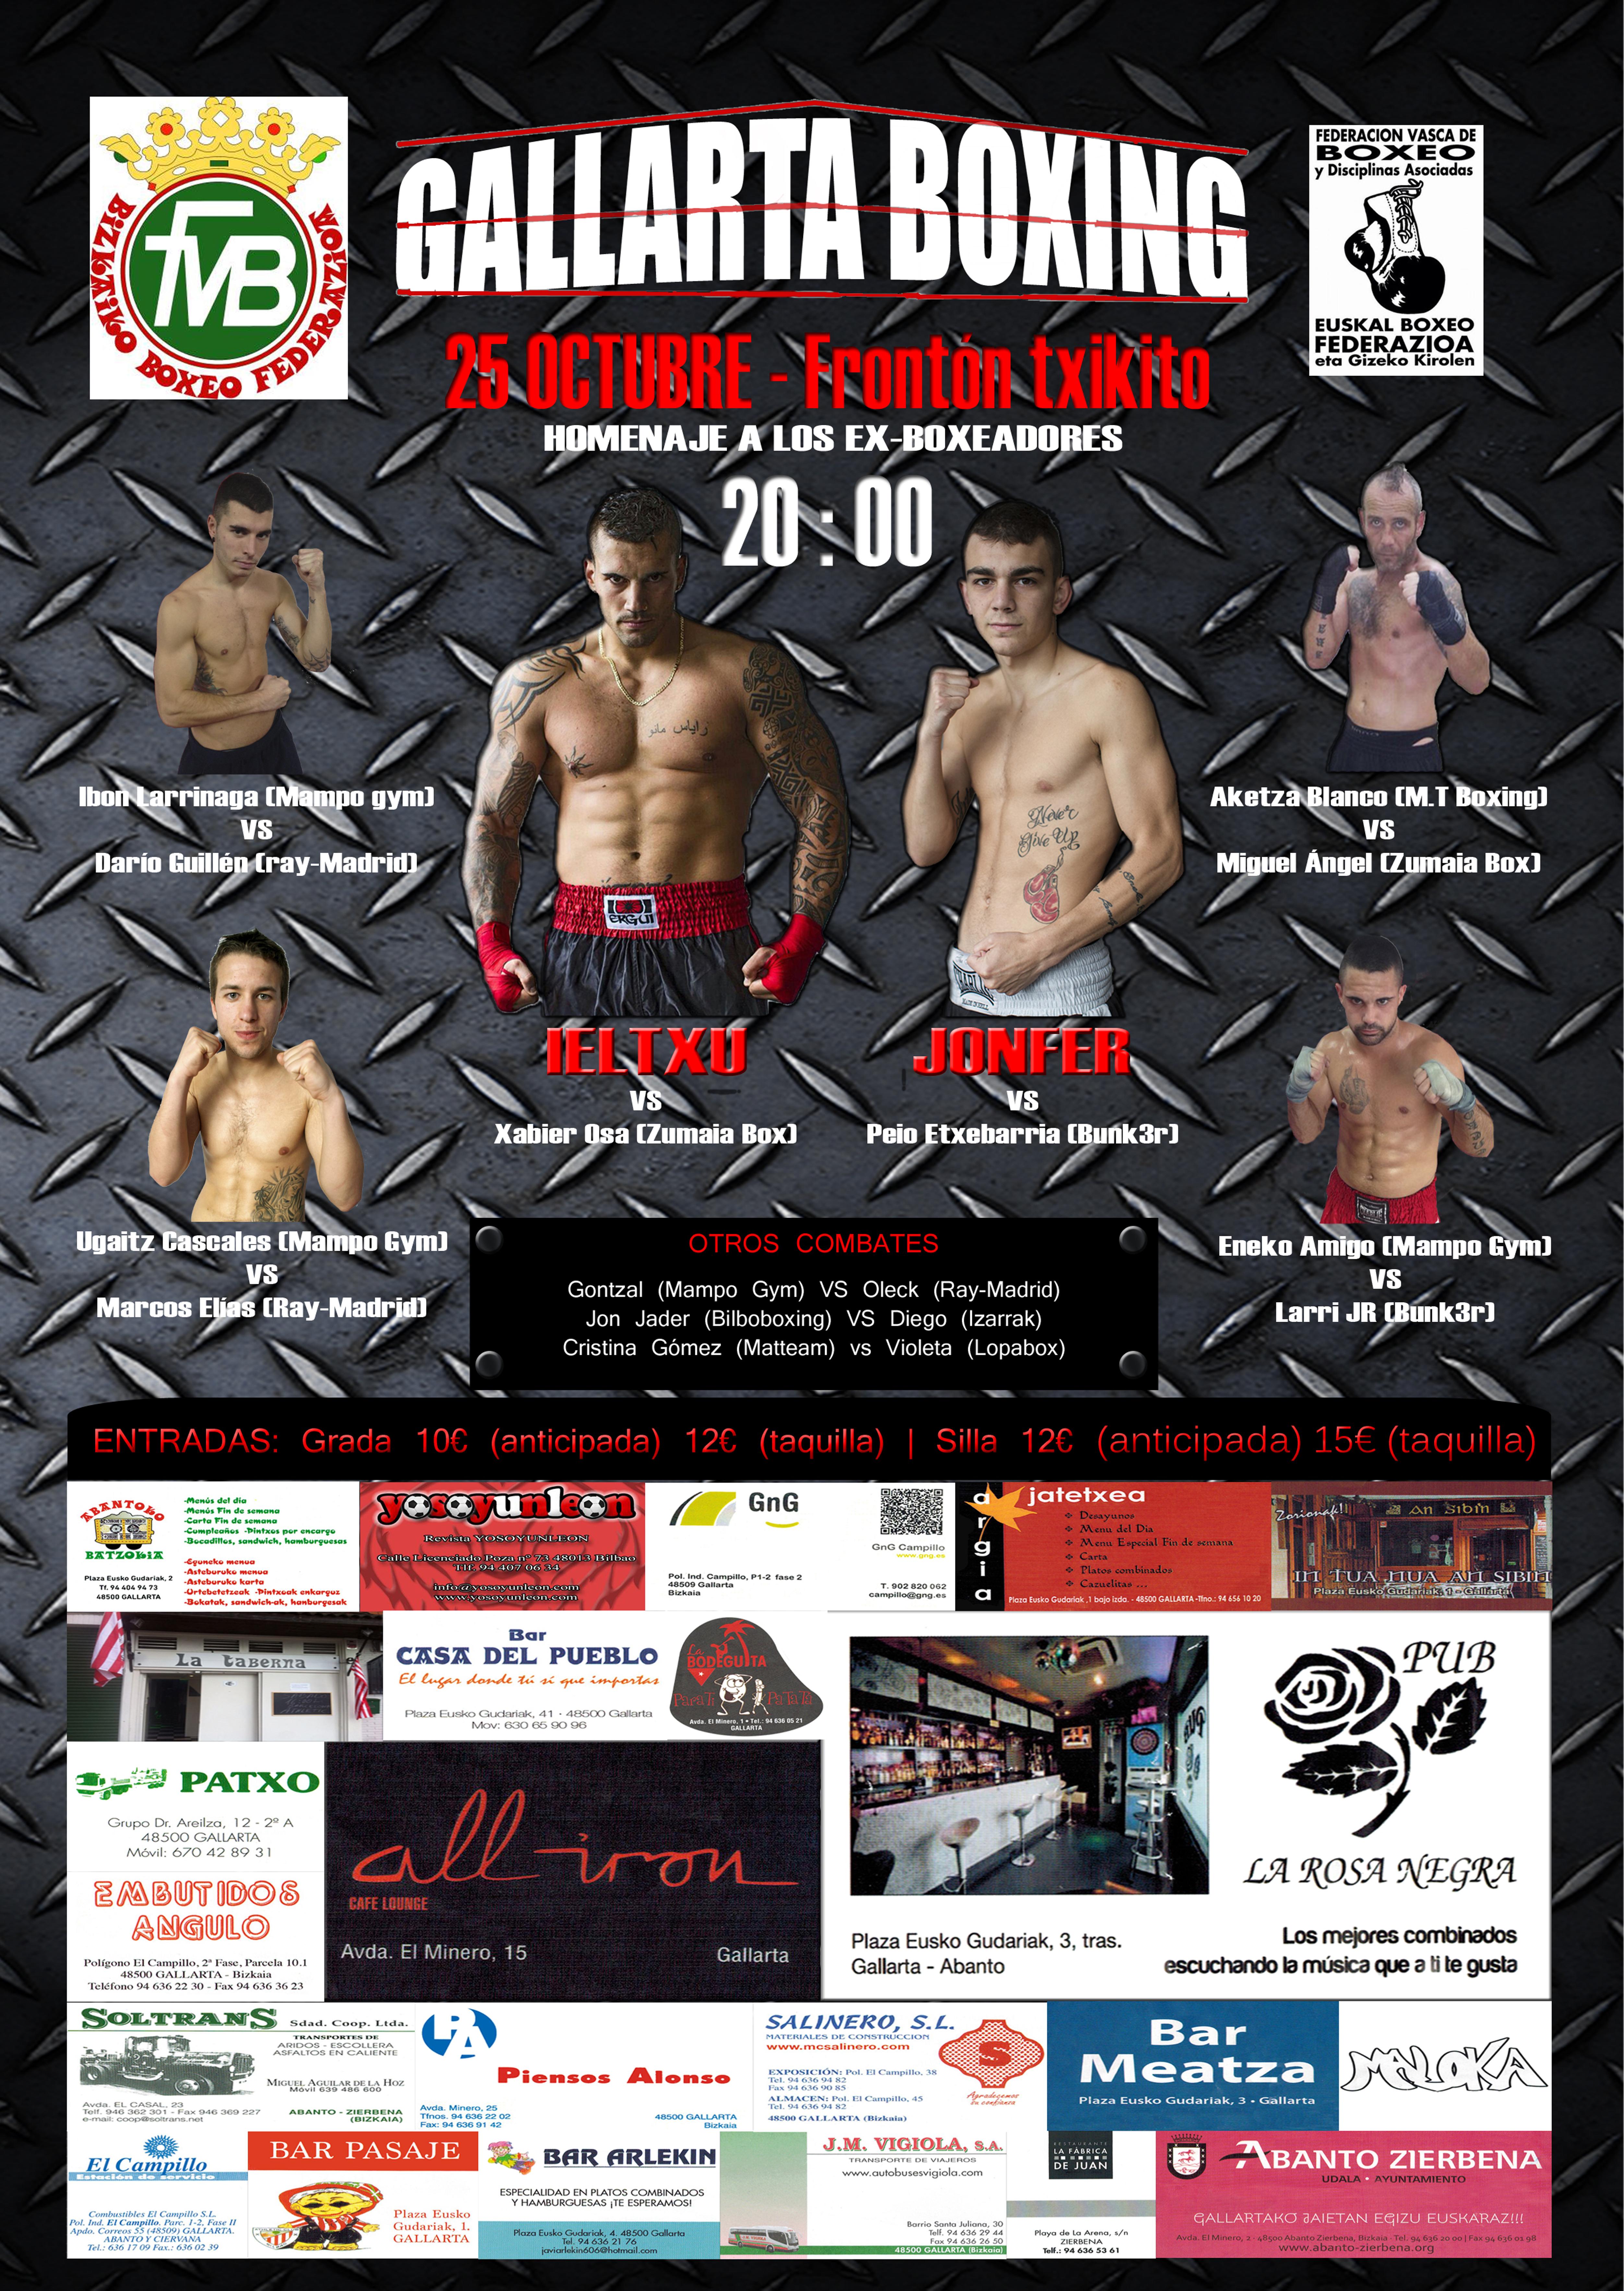 Cartel de la velada de boxeo amateur del 25 de octubre en Gallarta (Bizkaia)